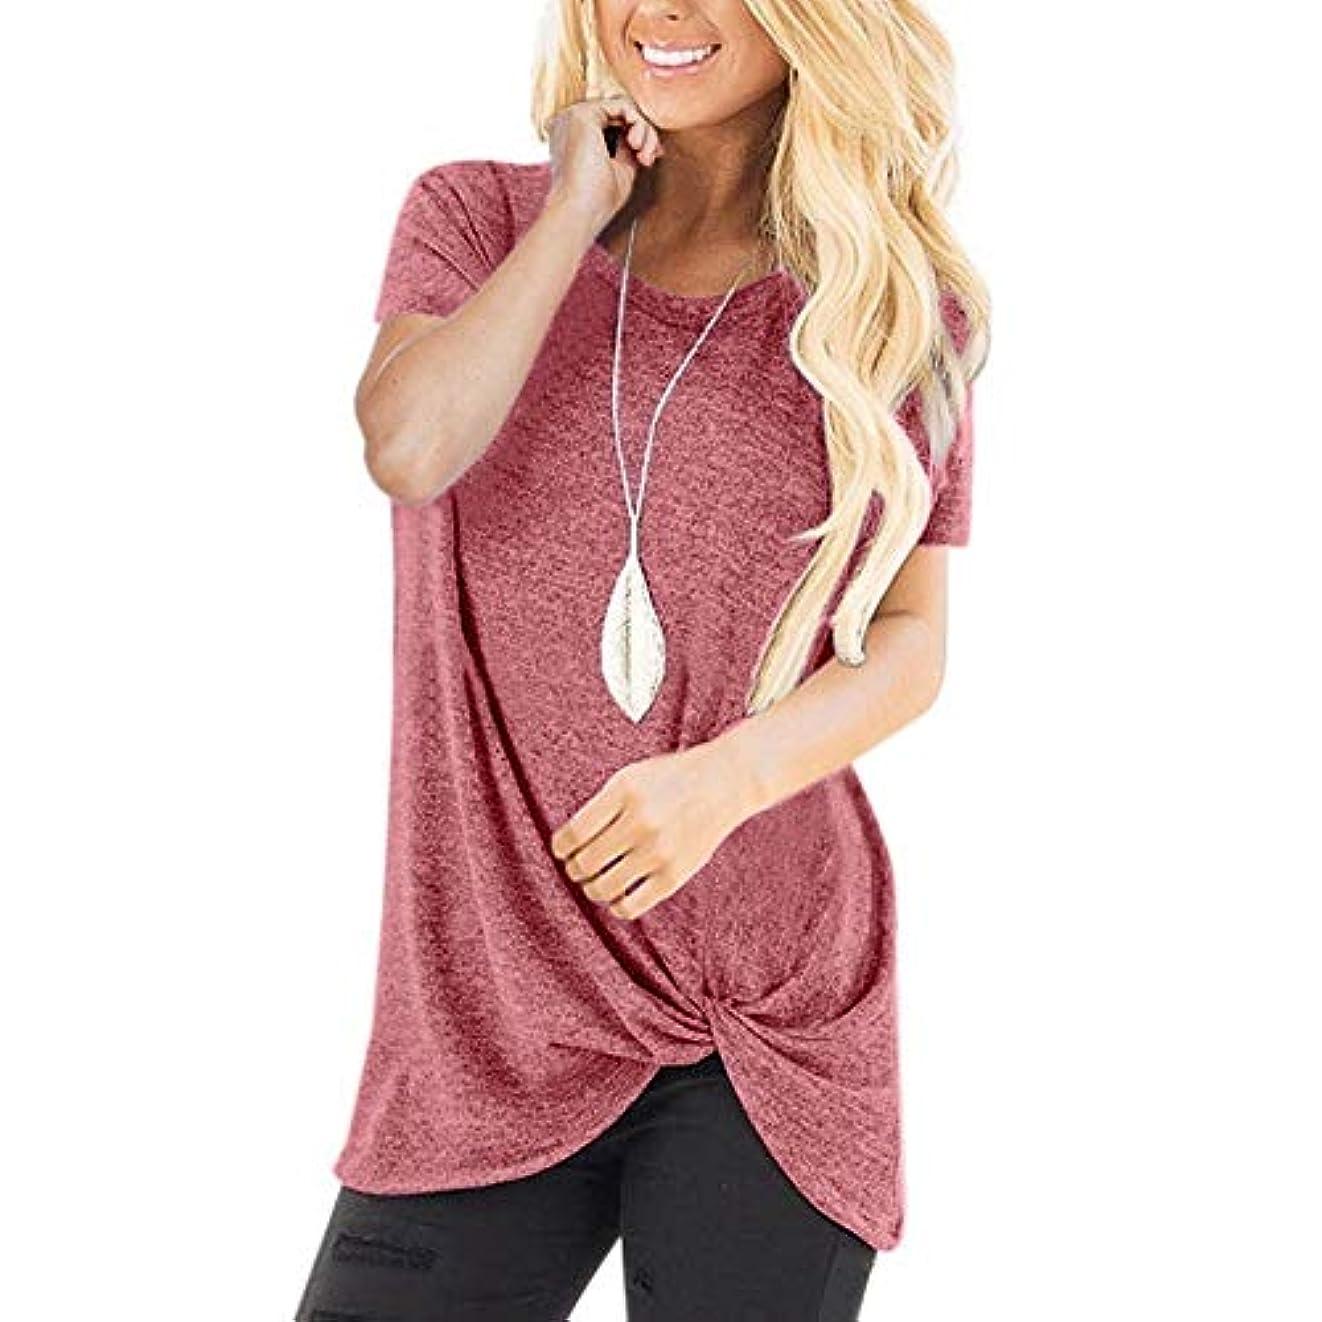 ペネロペ苦痛扱うMIFAN コットンTシャツ、カジュアルTシャツ、レディースブラウス、トップス&Tシャツ、プラスサイズ、ルーズtシャツ